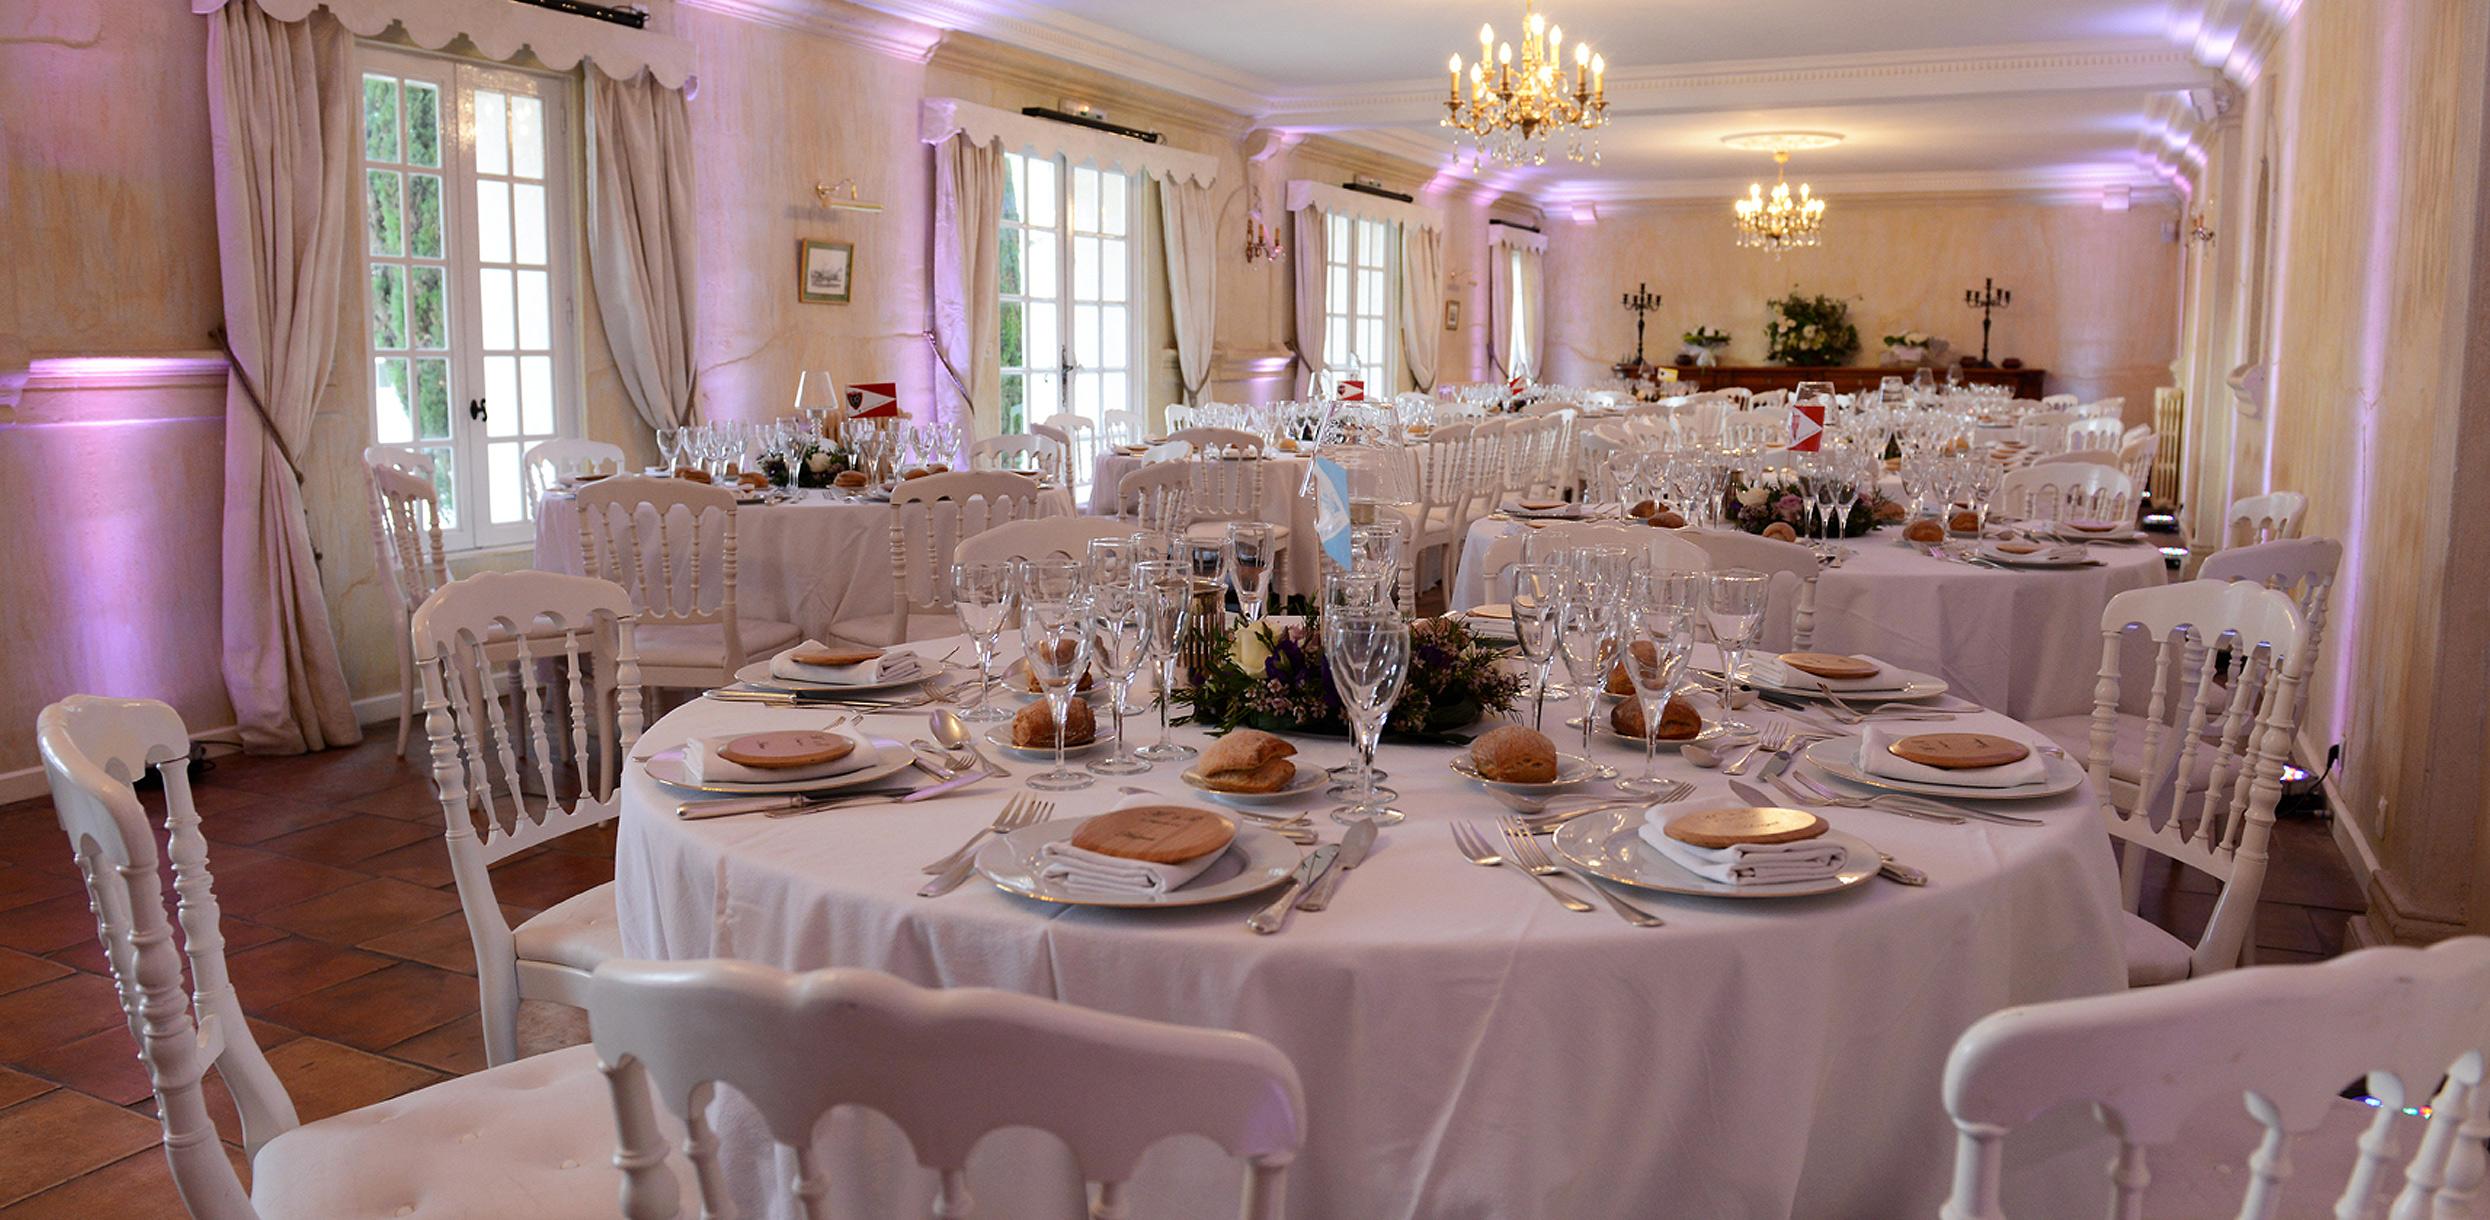 Salle de réception lors d'un mariage